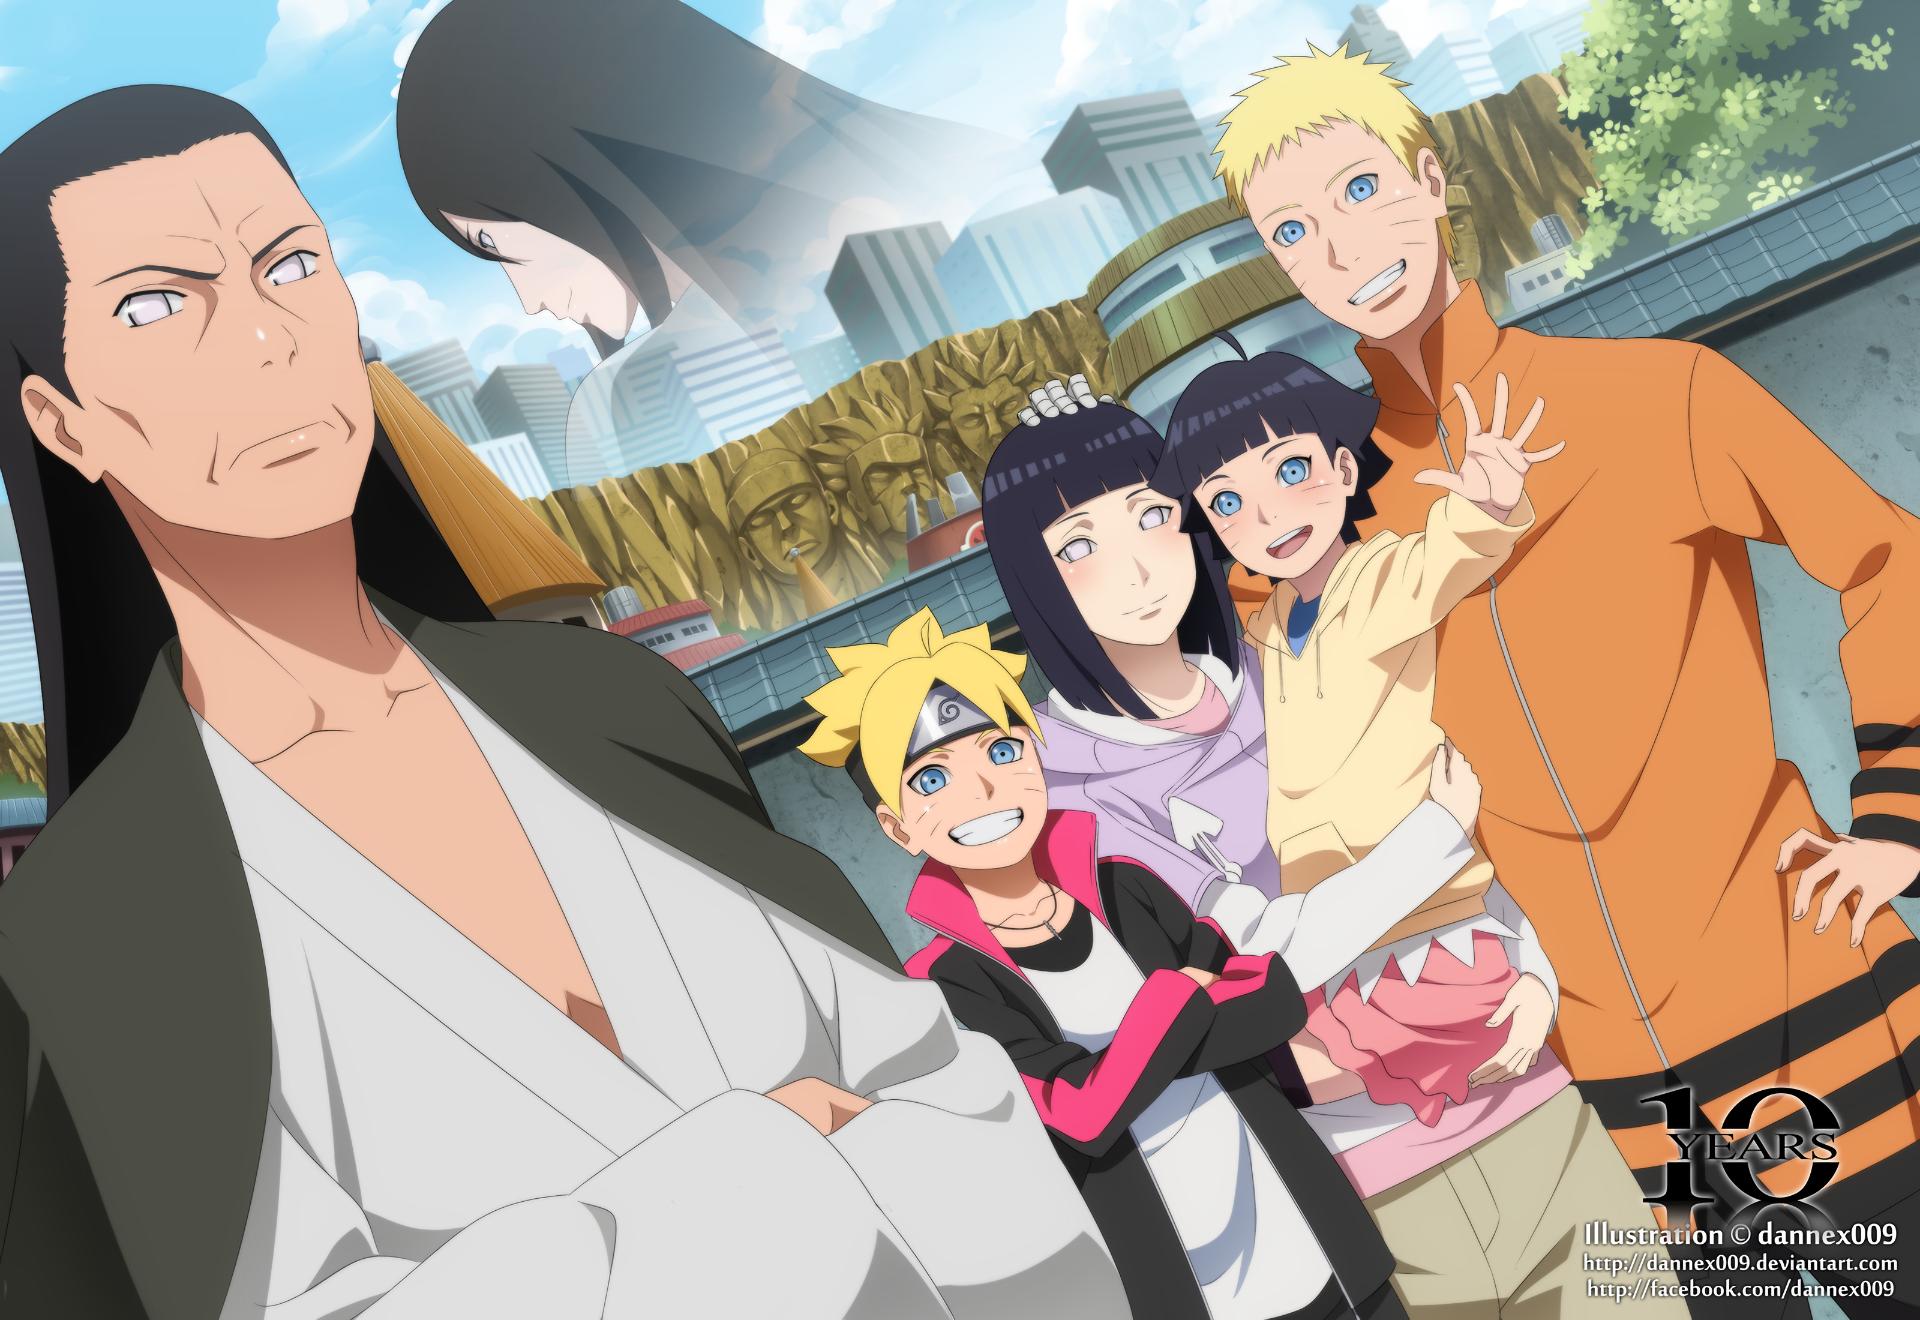 Pin On Anime Naruto